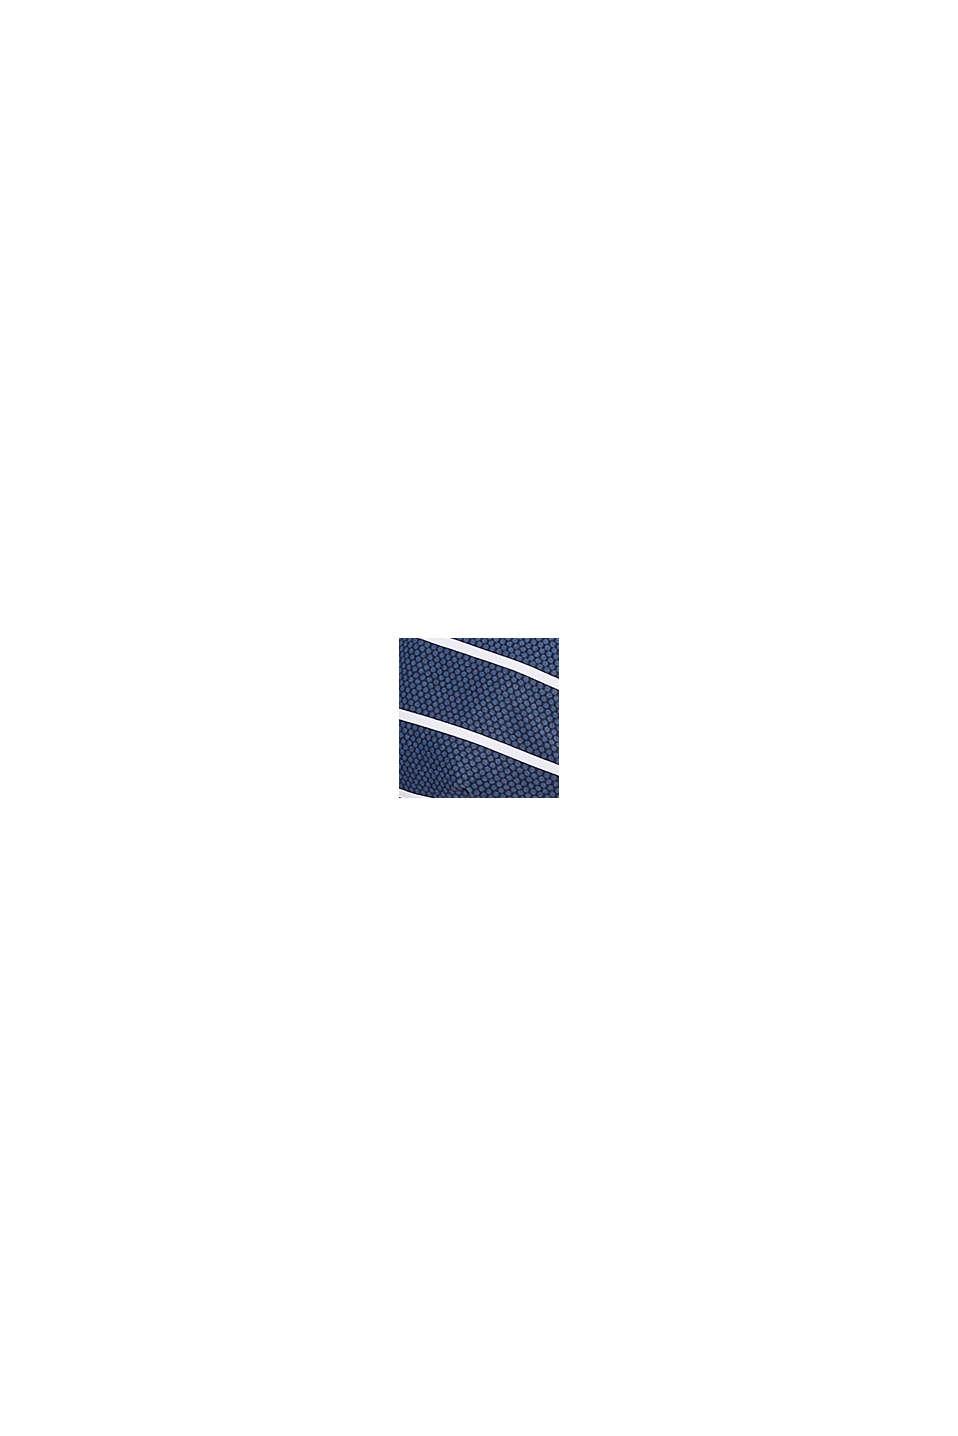 Unwattiertes Bügel-Top mit Streifen, DARK BLUE, swatch